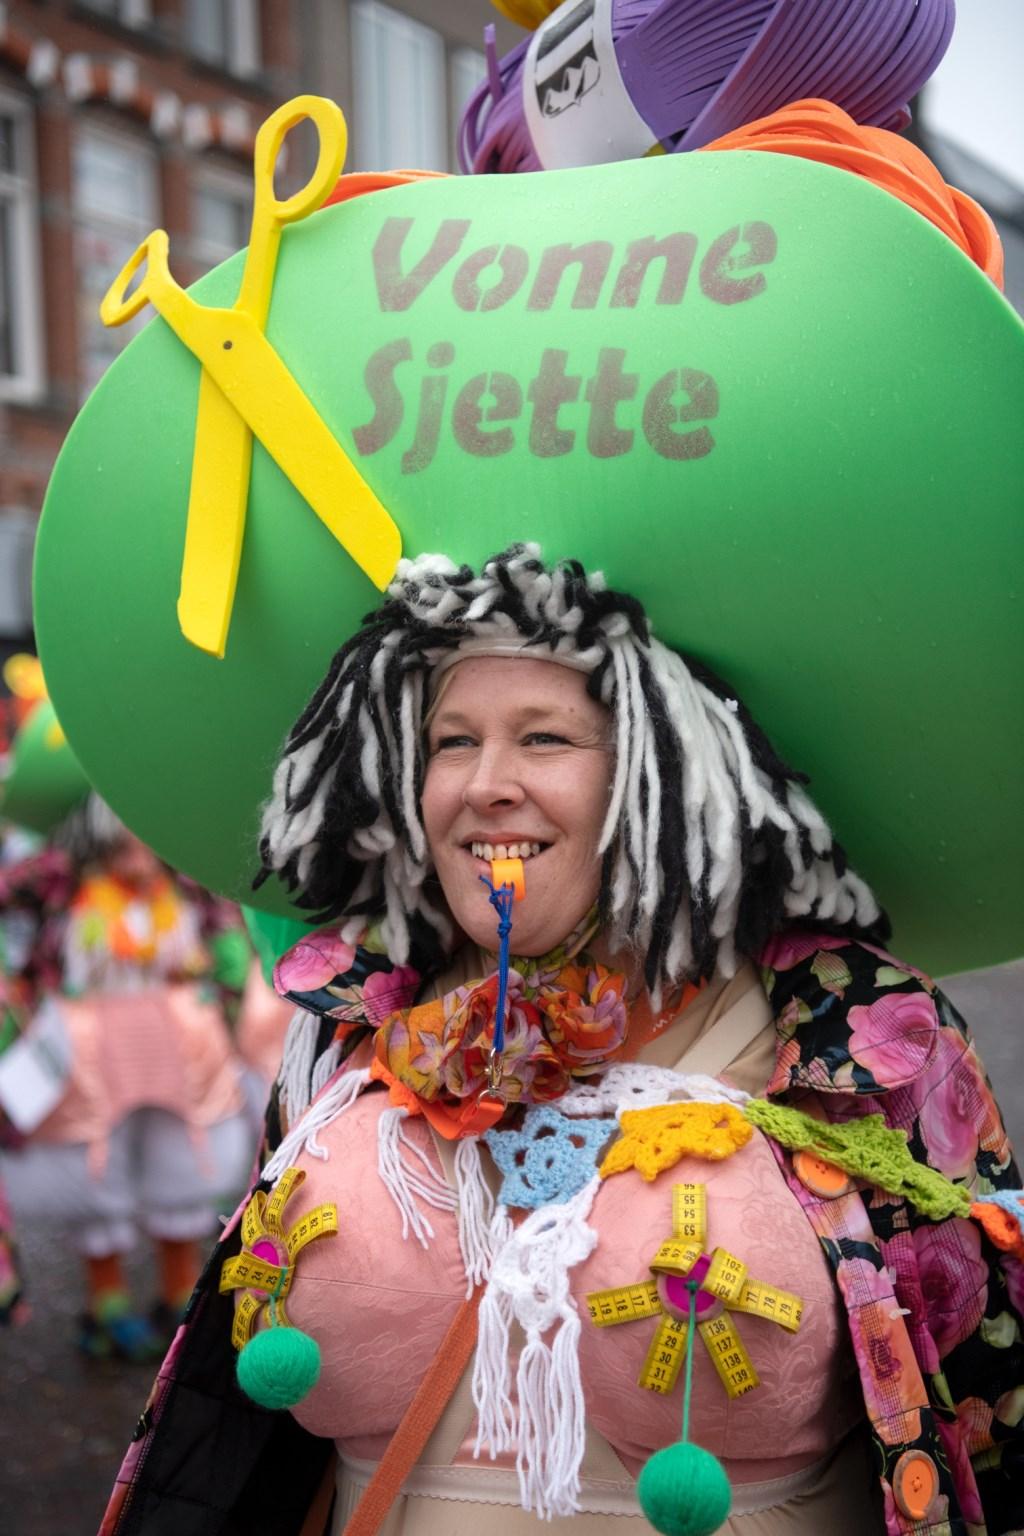 Foto: Luc van Leeuwe © Internetbode